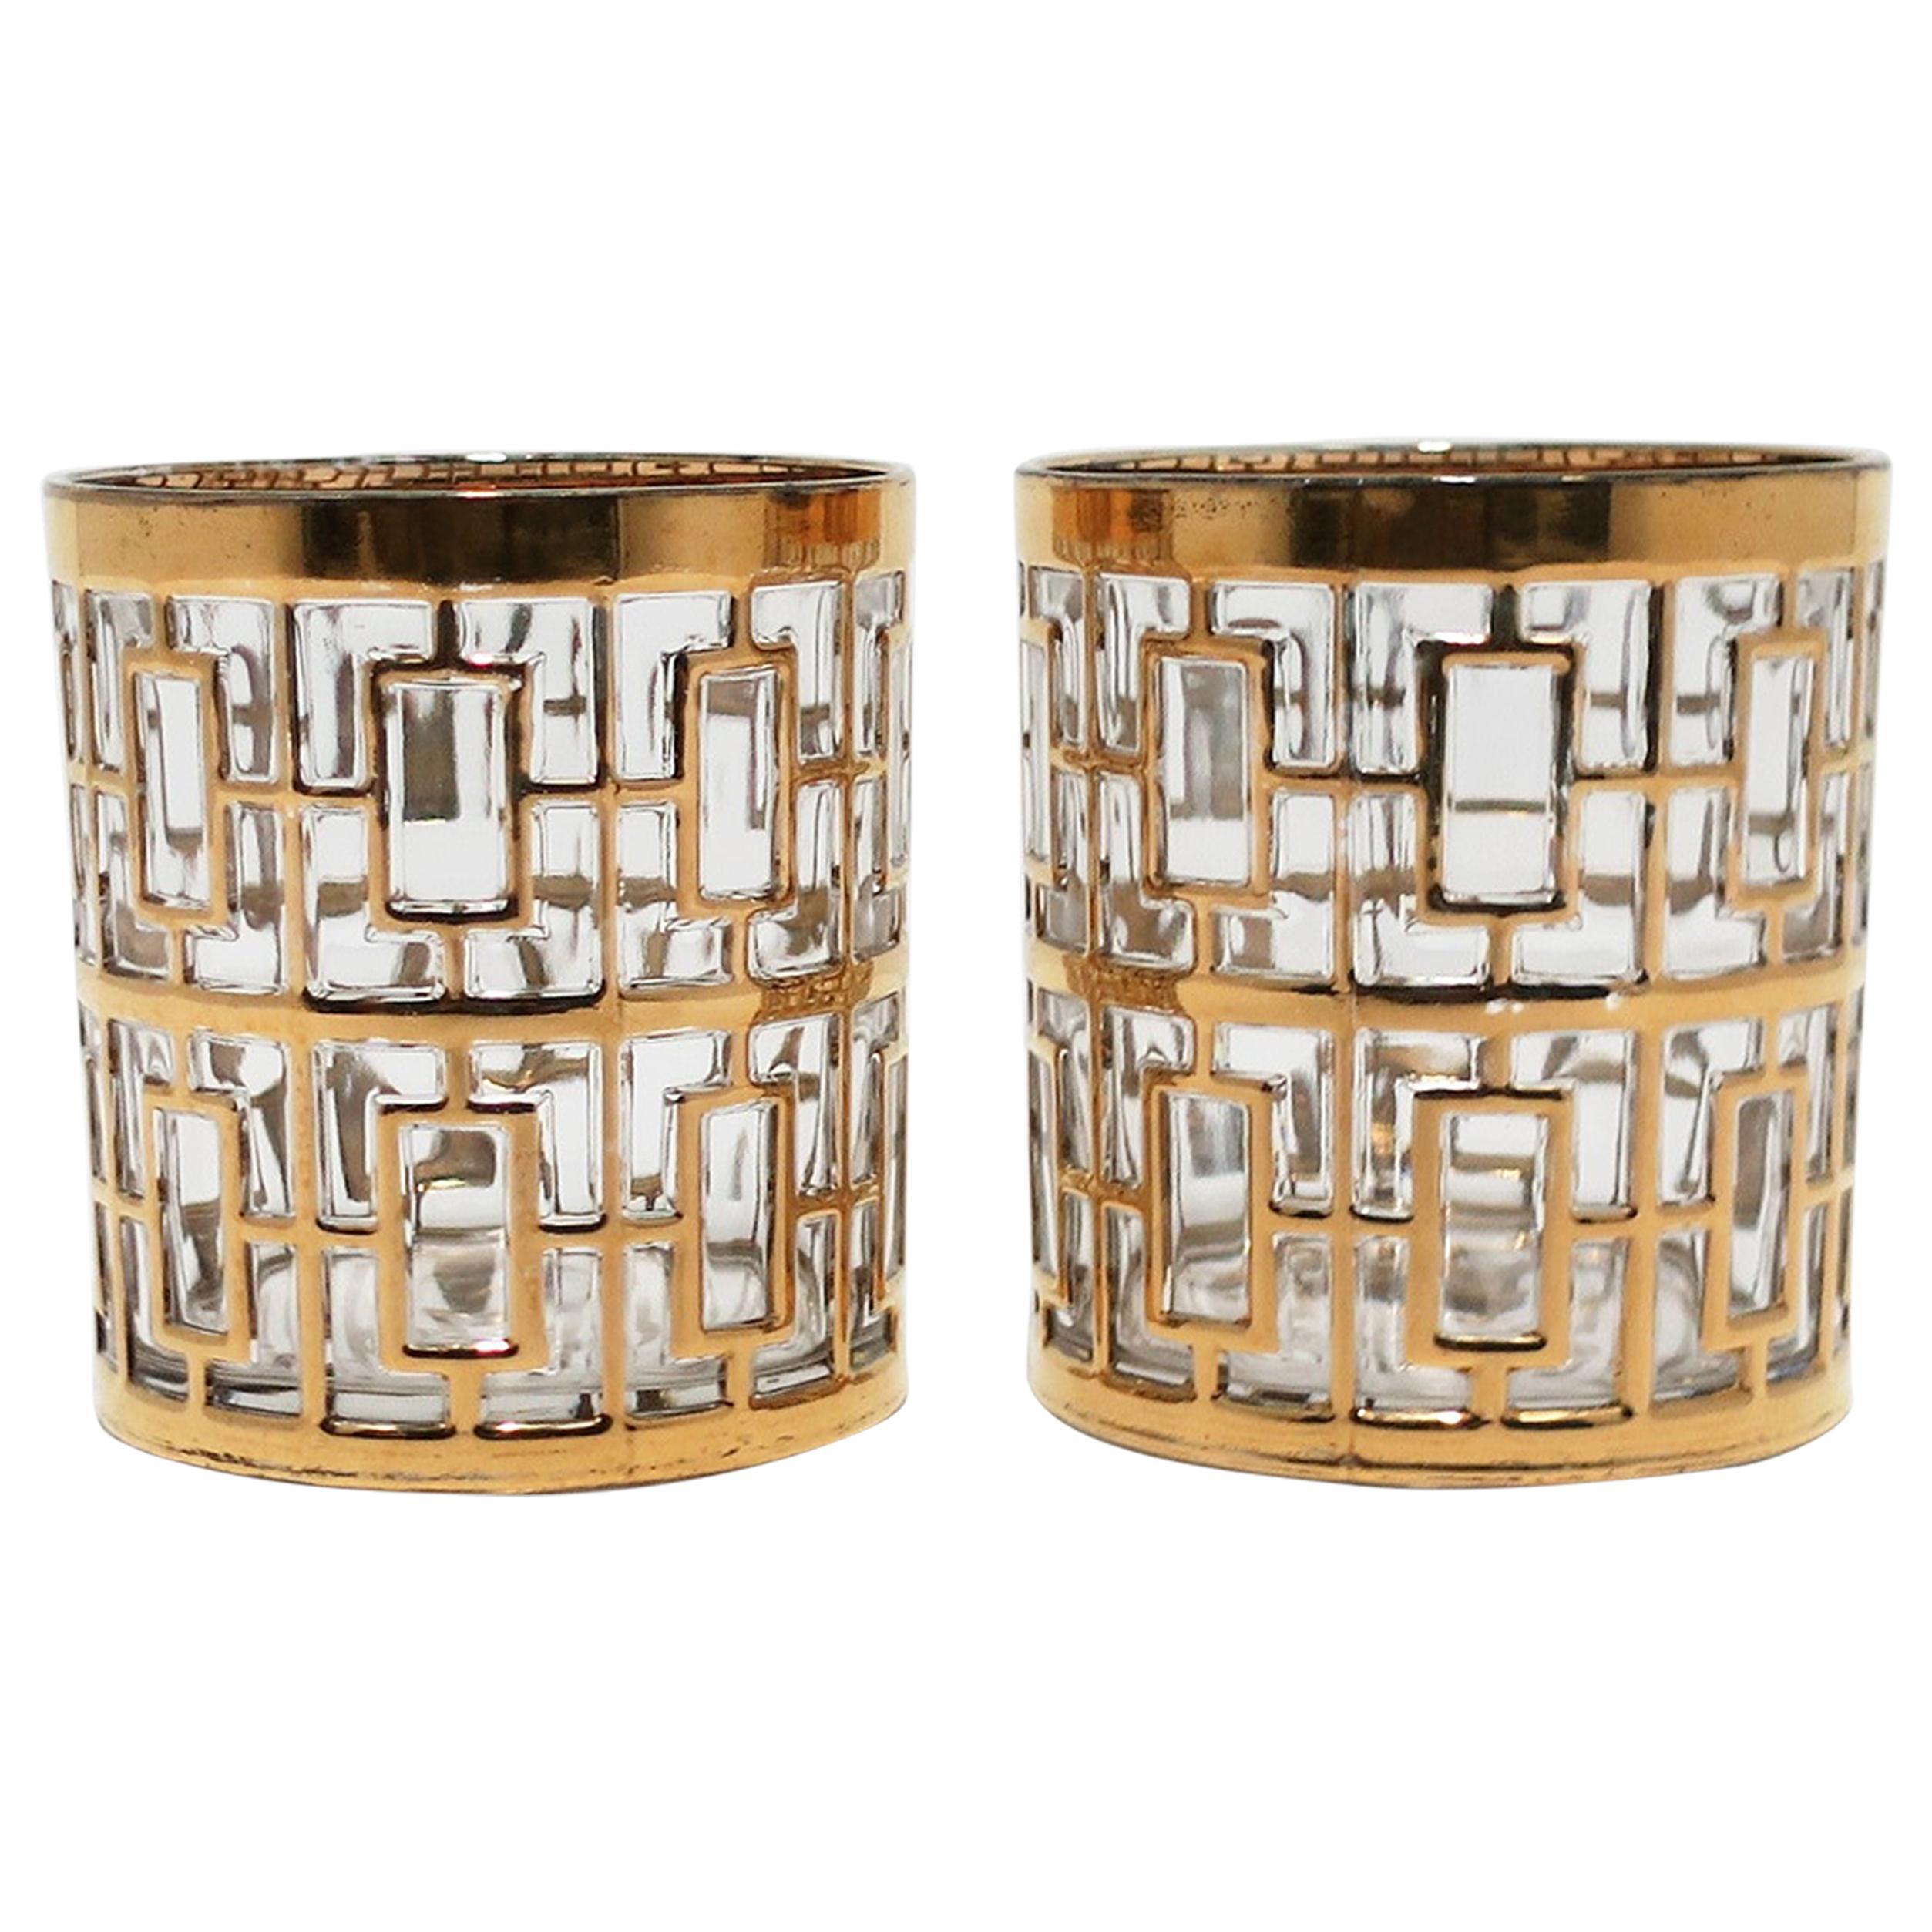 Vintage Imperial Glass Cocktail Rocks Glasses 22-Karat Gold 1960s, Set of 2